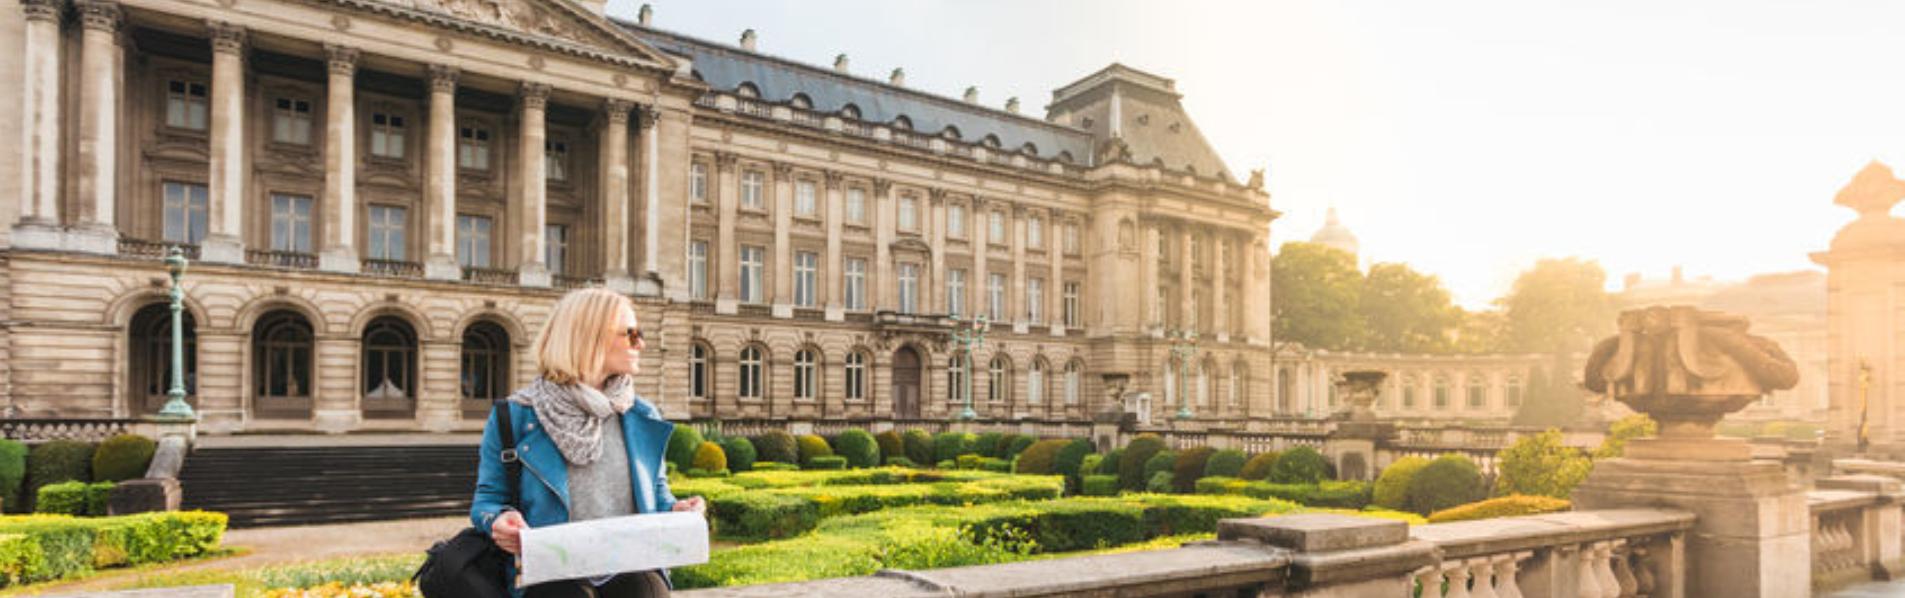 Week-end à Bruxelles: 8 lieux incontournables